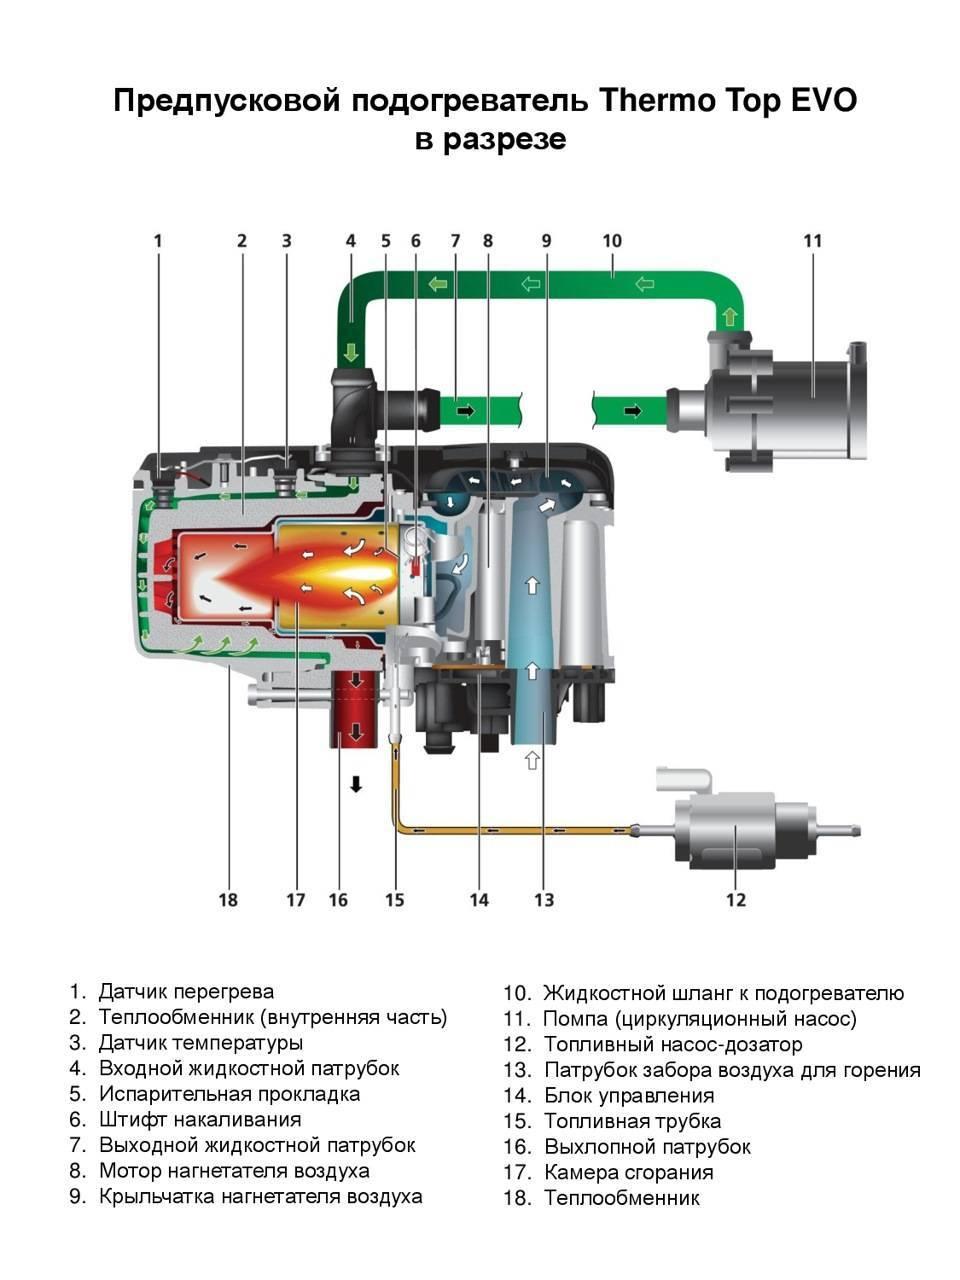 Предпусковой подогреватель двигателя, электрический, автономный